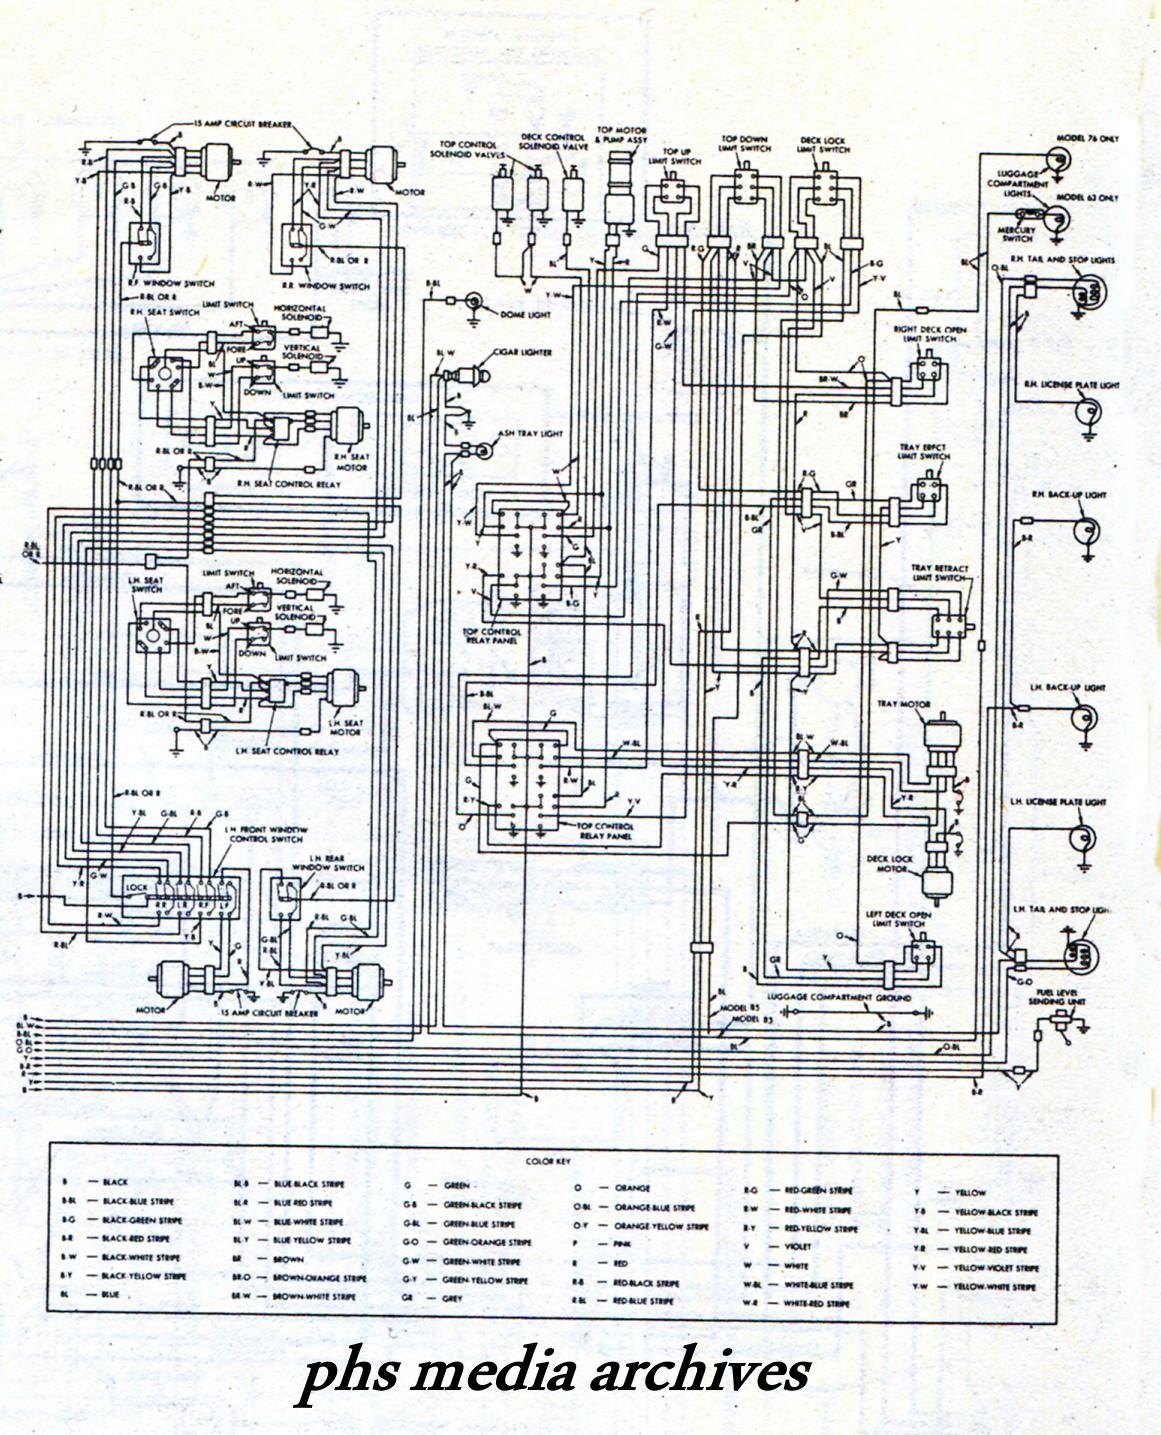 1961 Thunderbird Wiring Diagram 57 Tech Series 1963 Schematics Rh Phscollectorcarworld Blogspot Com 1960 Ford